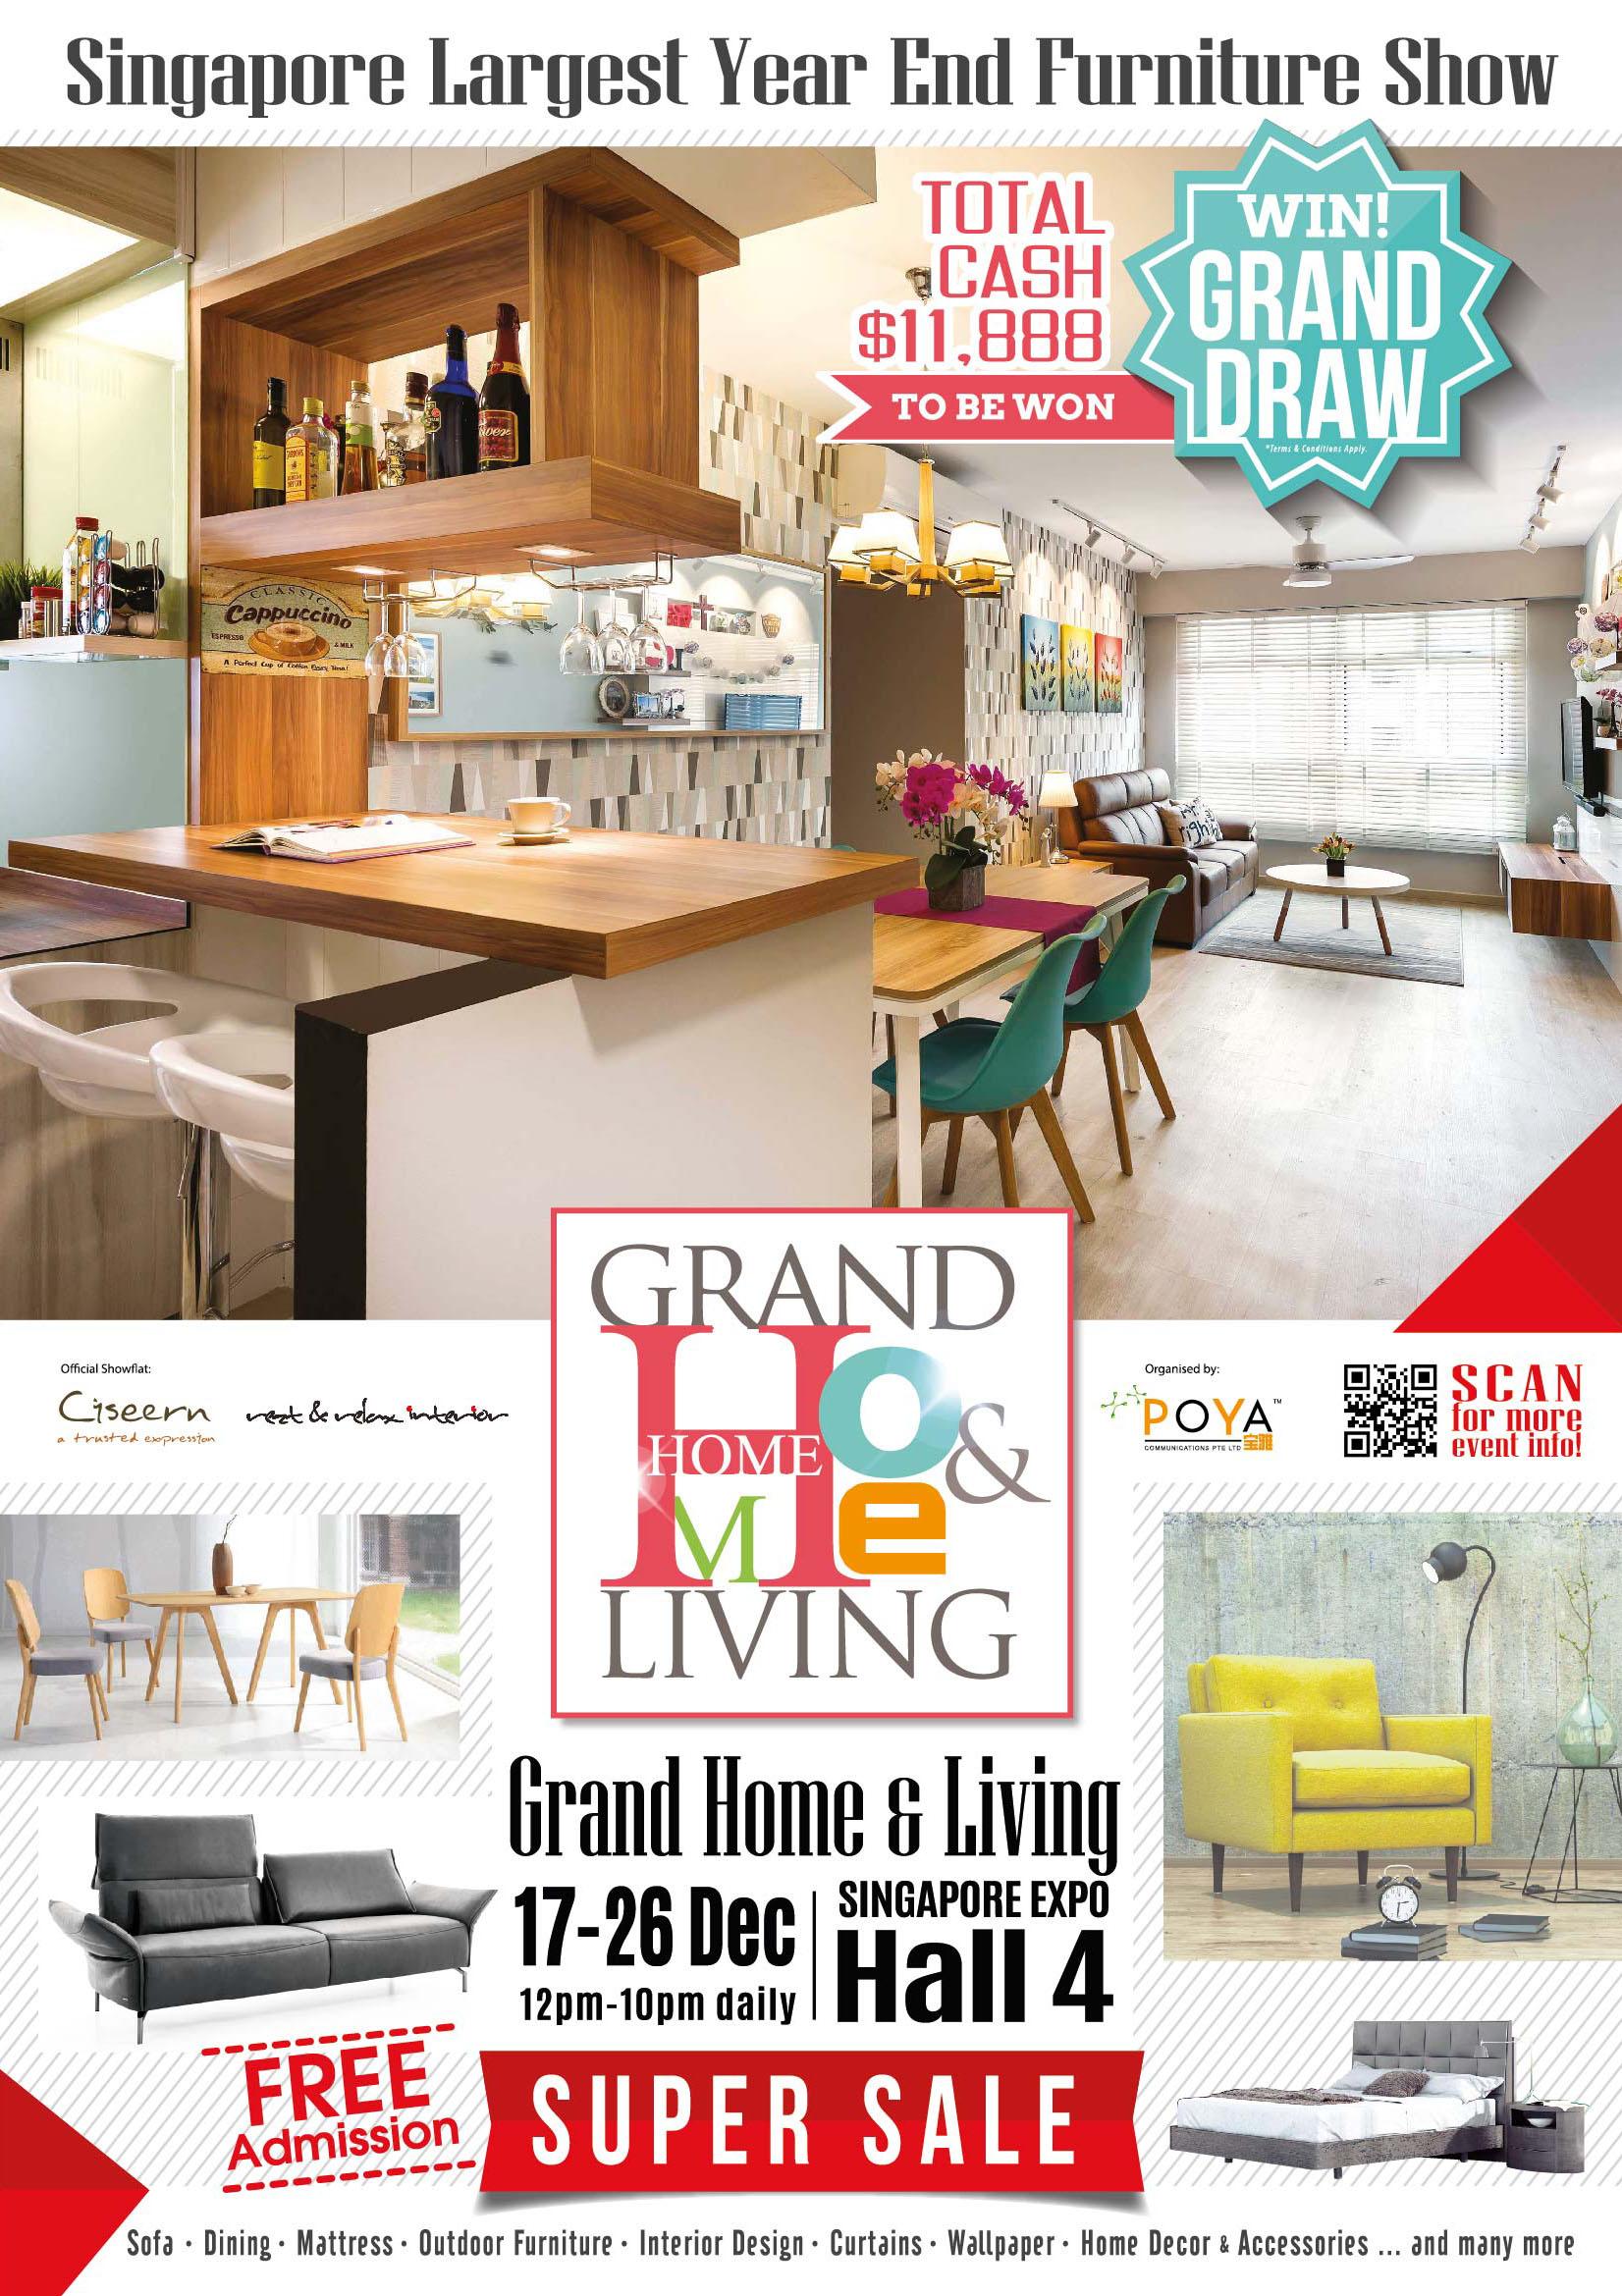 Grand home furniture